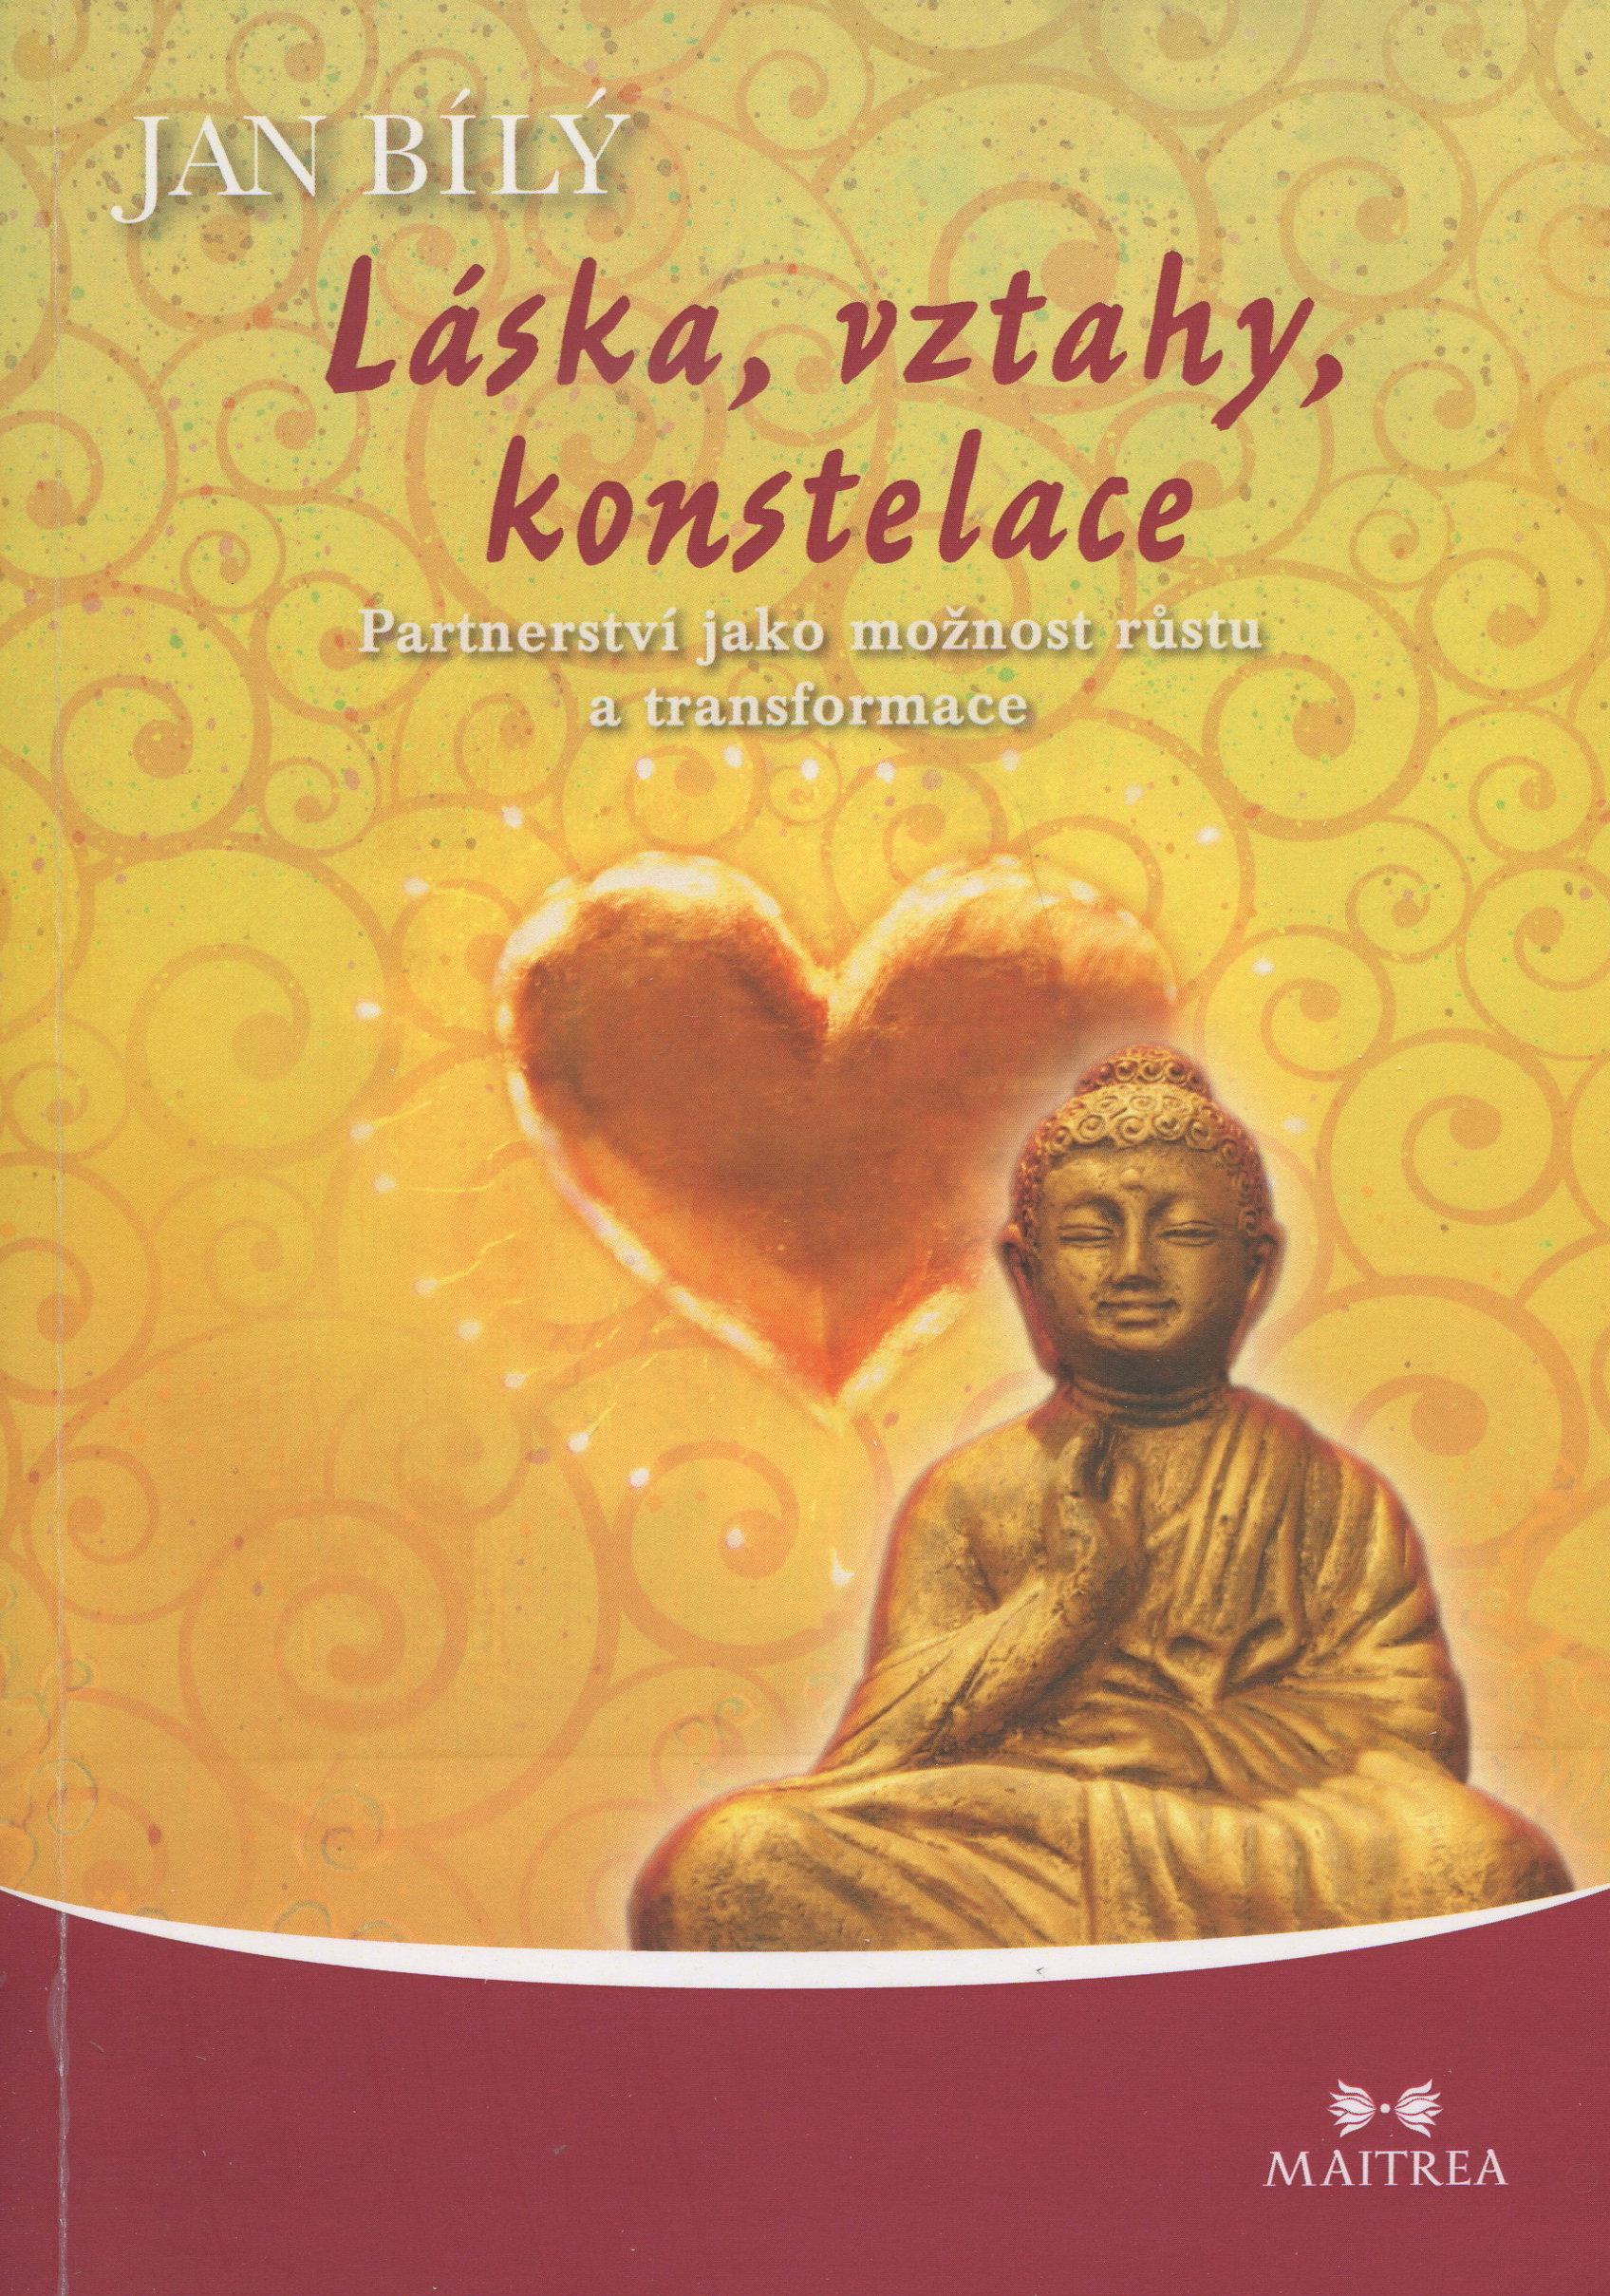 Láska, vztahy, konstelace - Partnerství jako možnost růstu a transformace